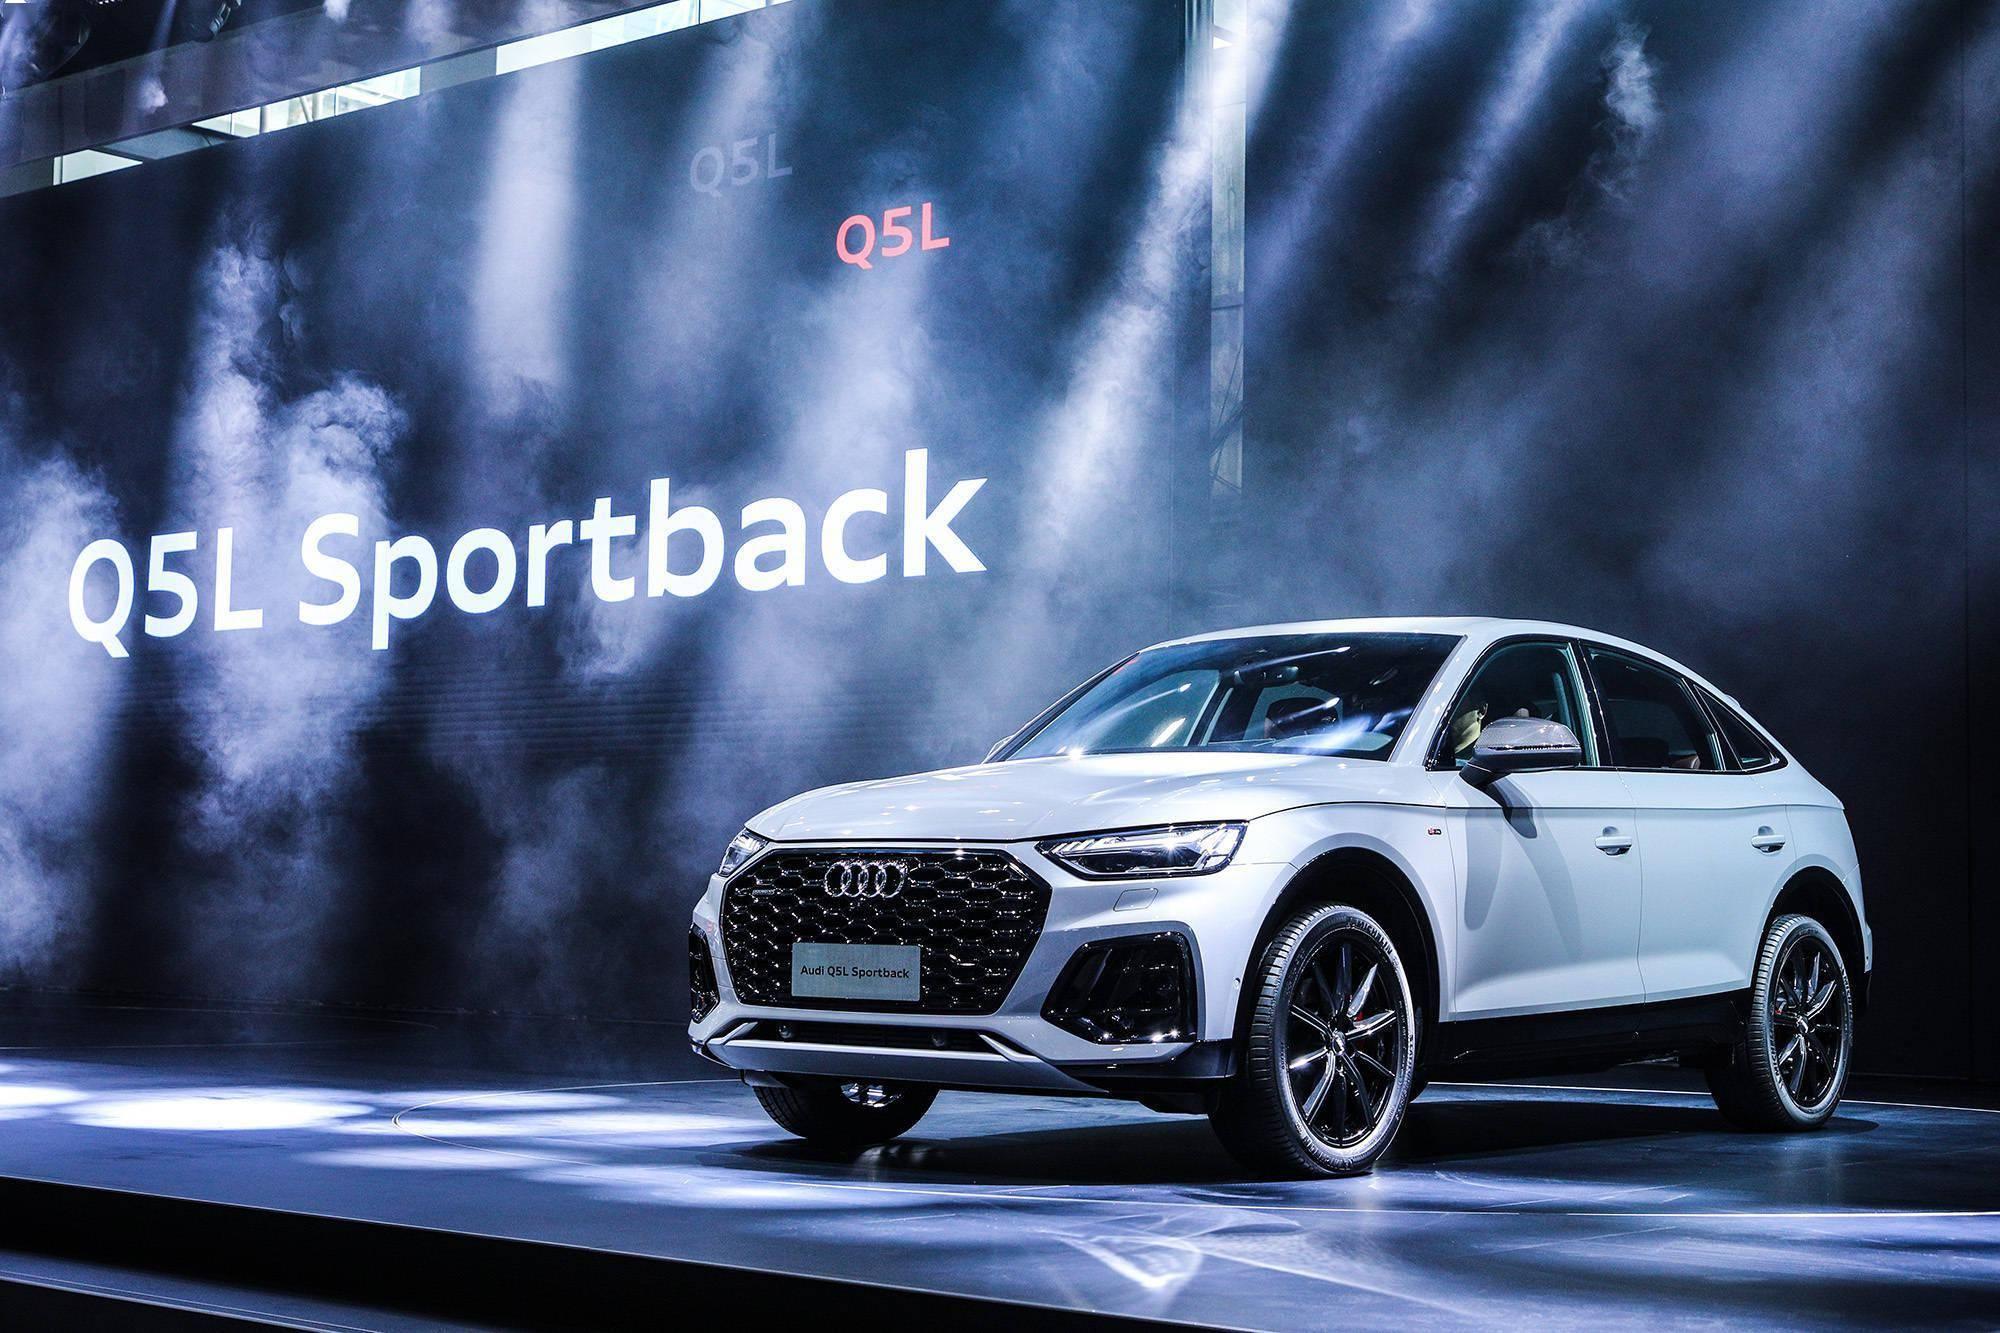 奥迪原厂的又一杰作,奥迪Q5L Sportback正式推出